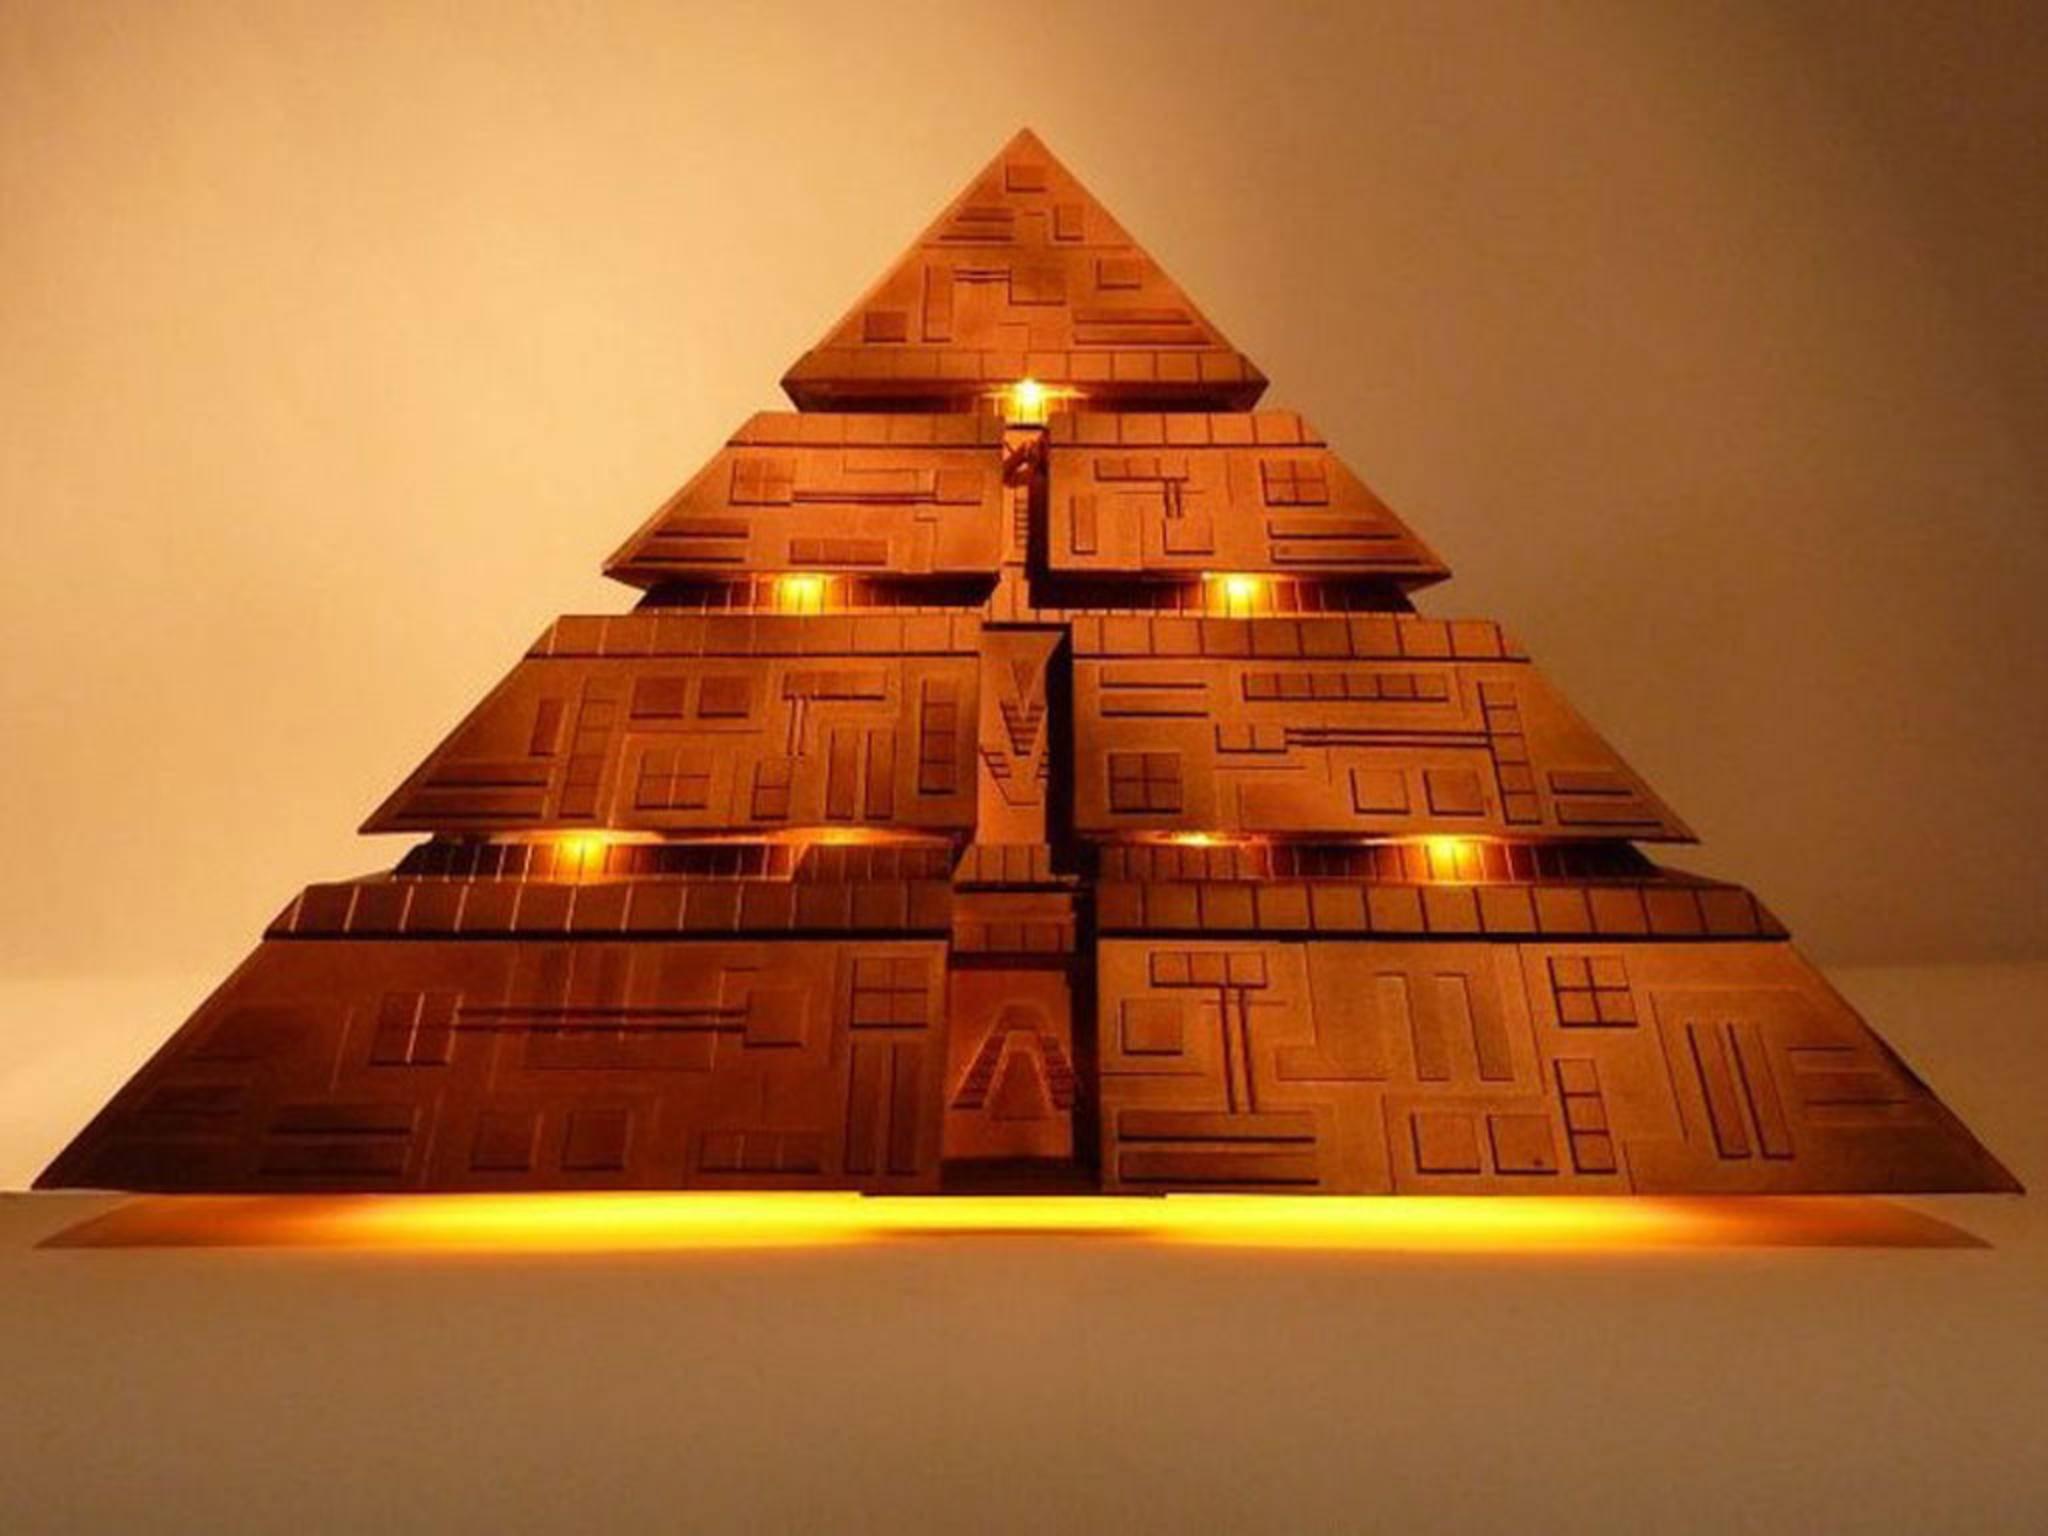 In dieser Stargate-Pyramide steckt tatsächlich ein Computer.